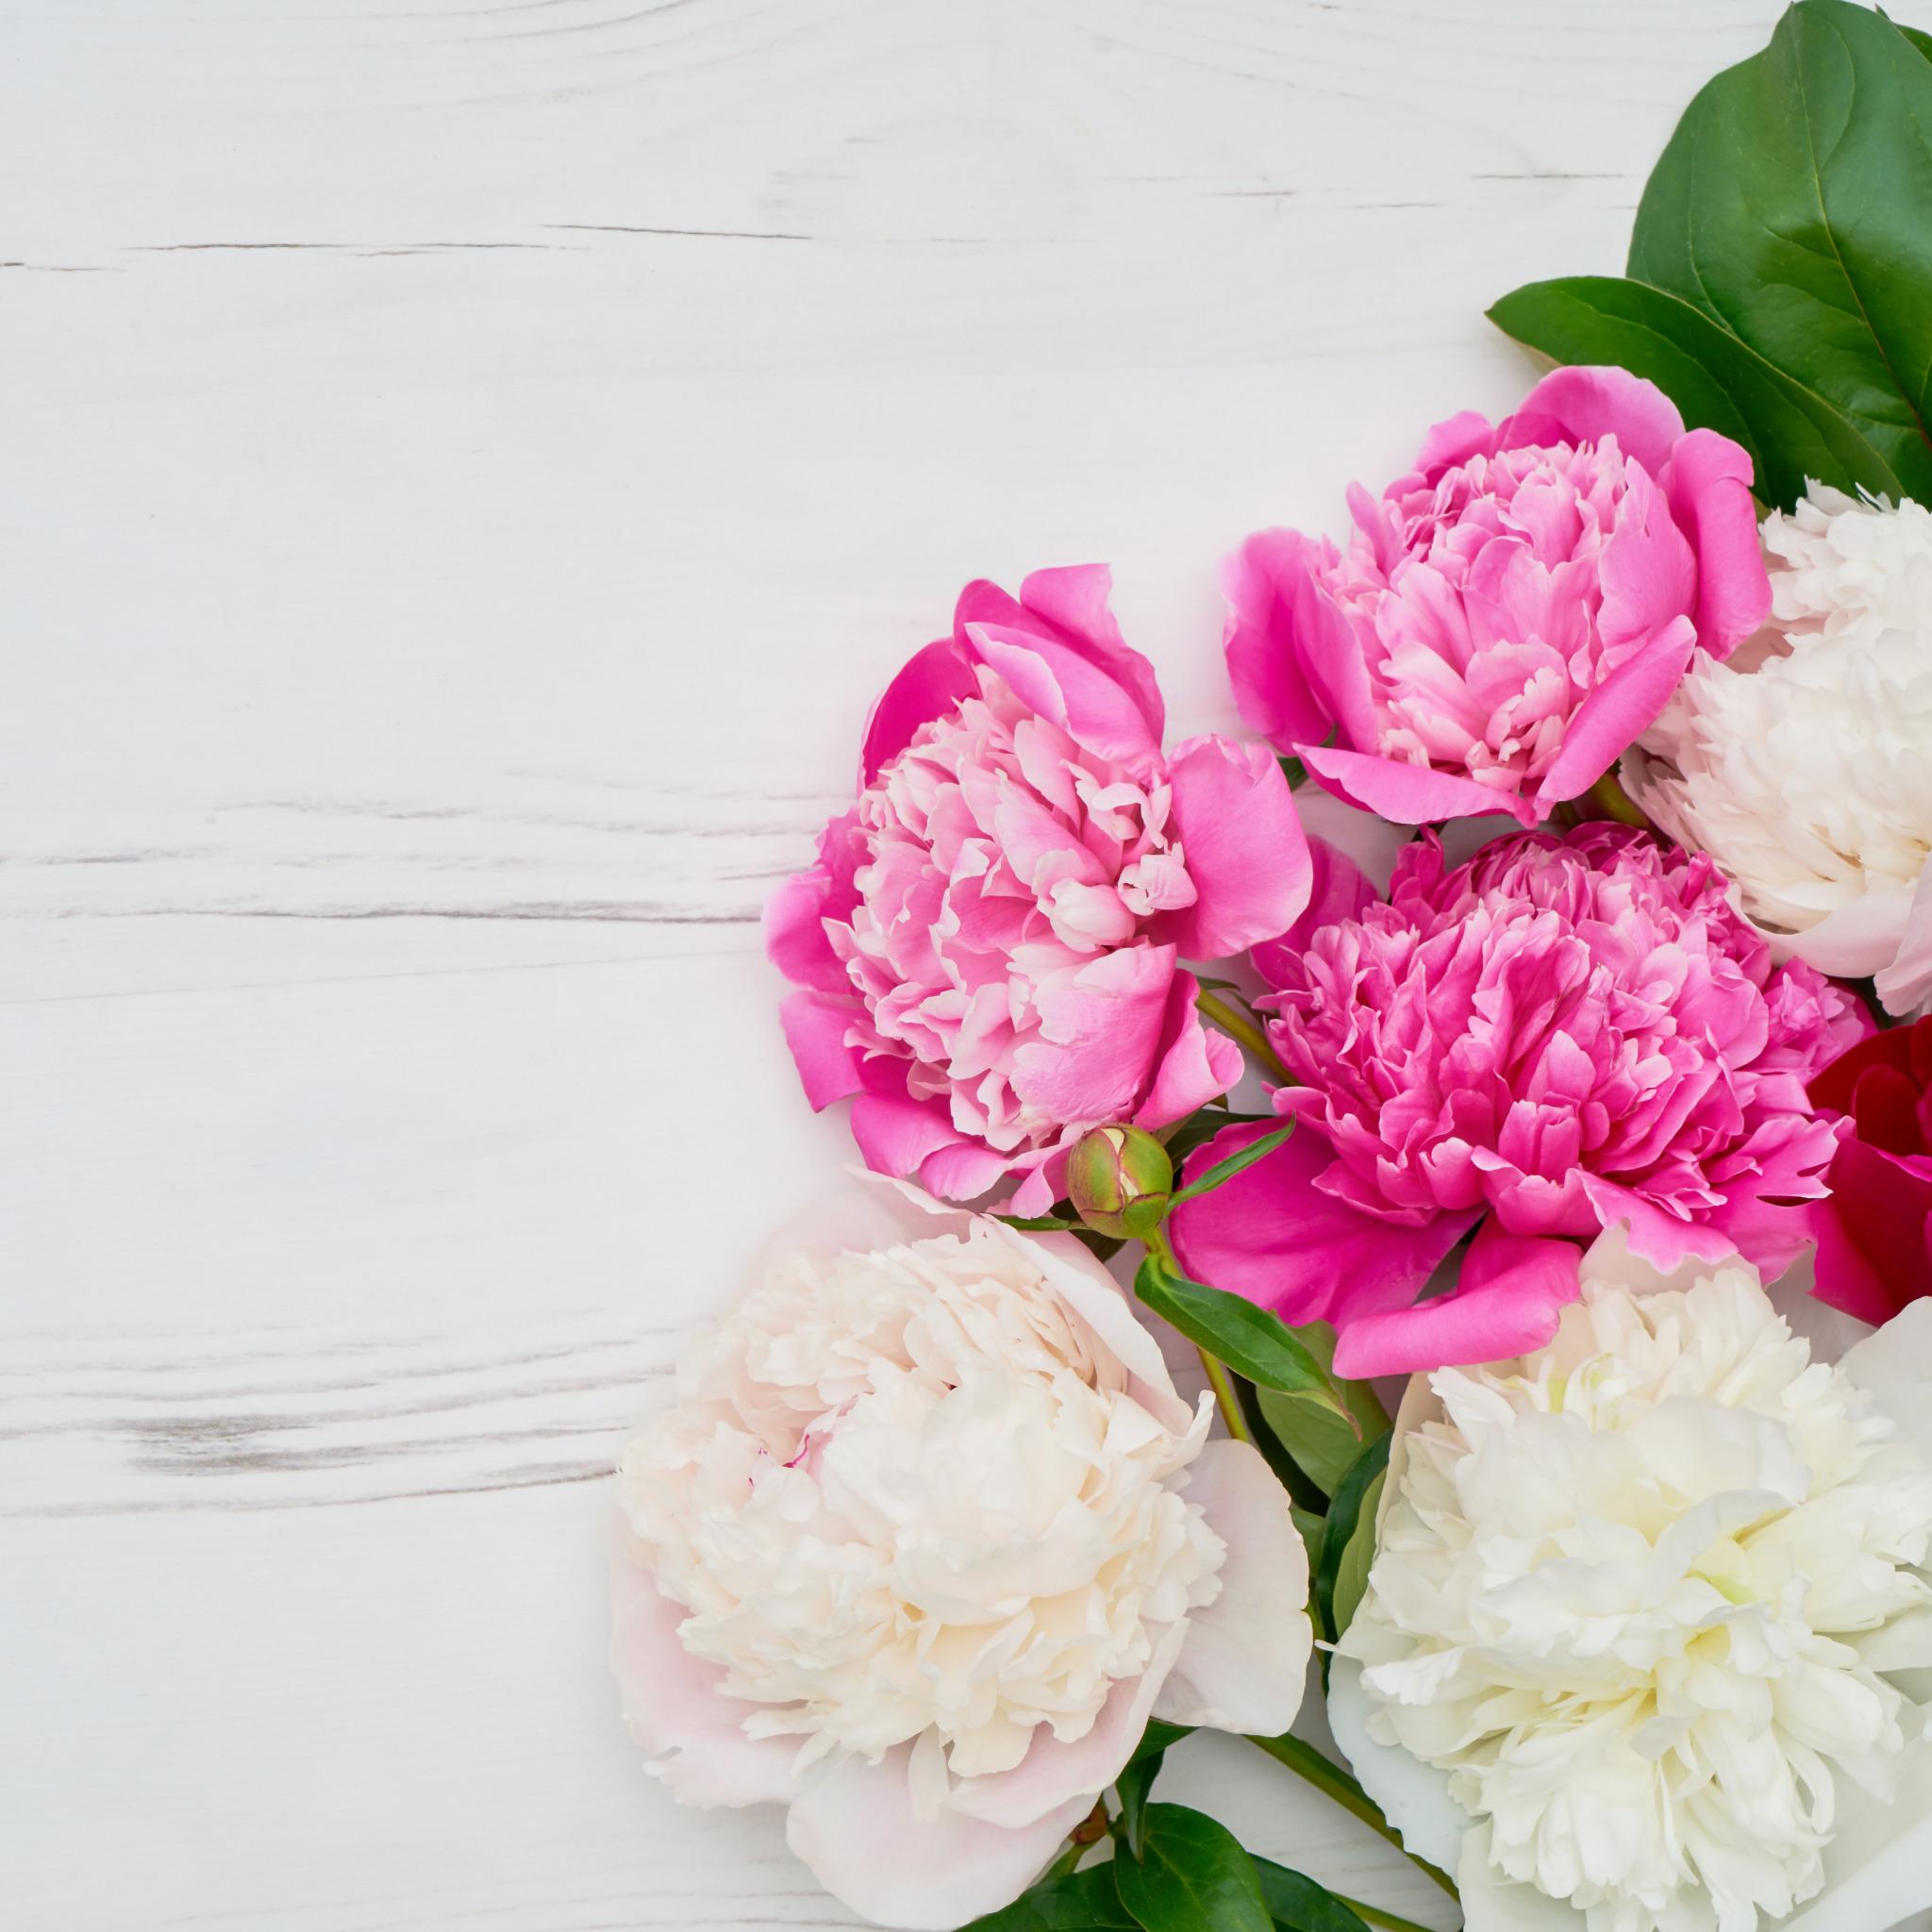 Картинки с букетами розовых роз добывают